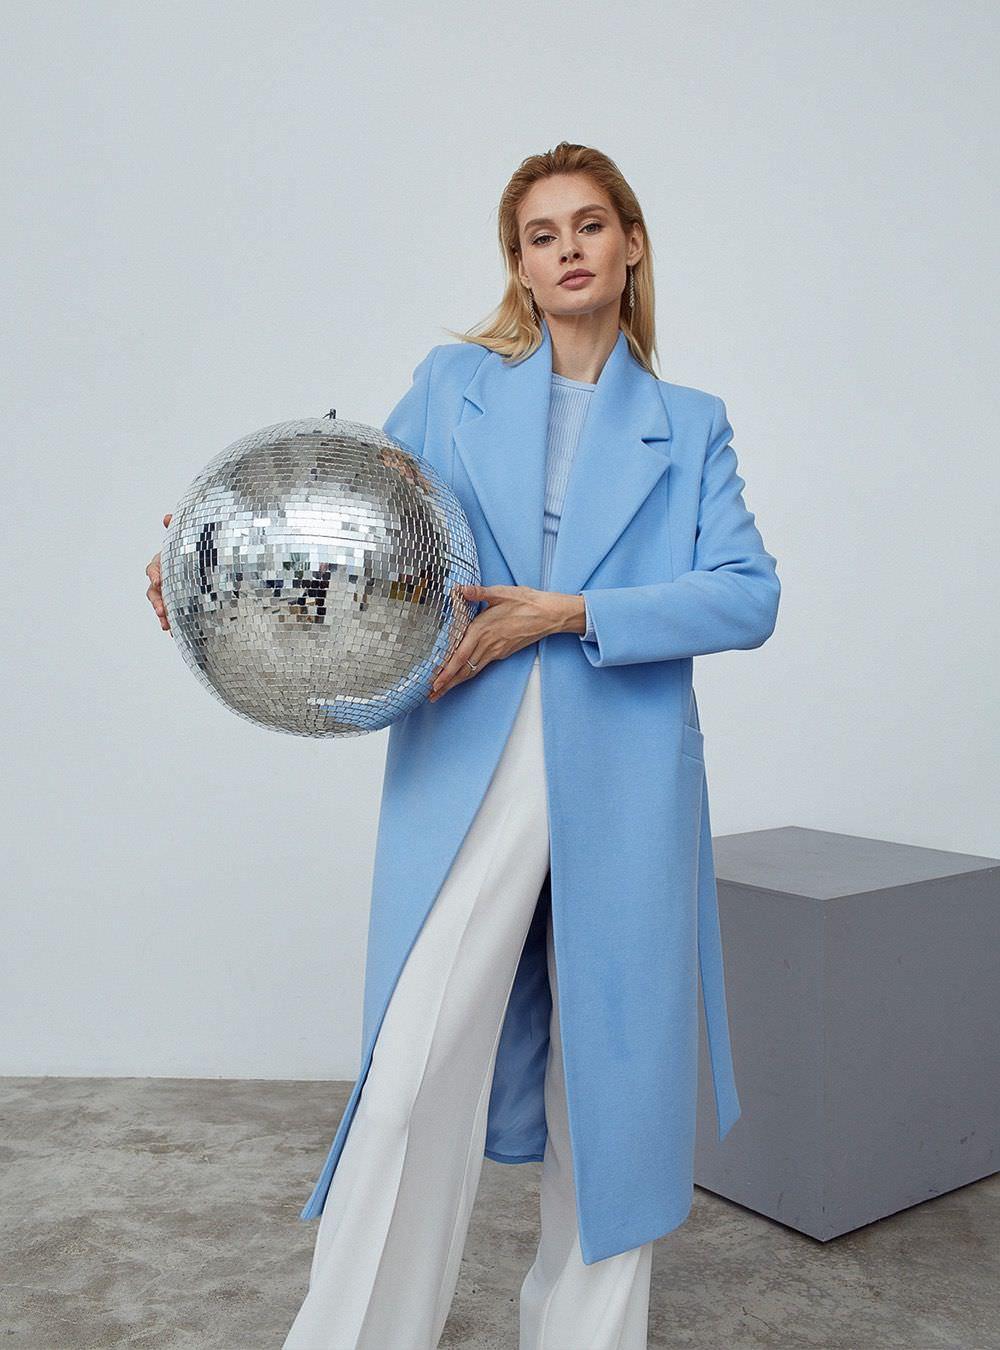 Пальто-халат Голубое удлиненное